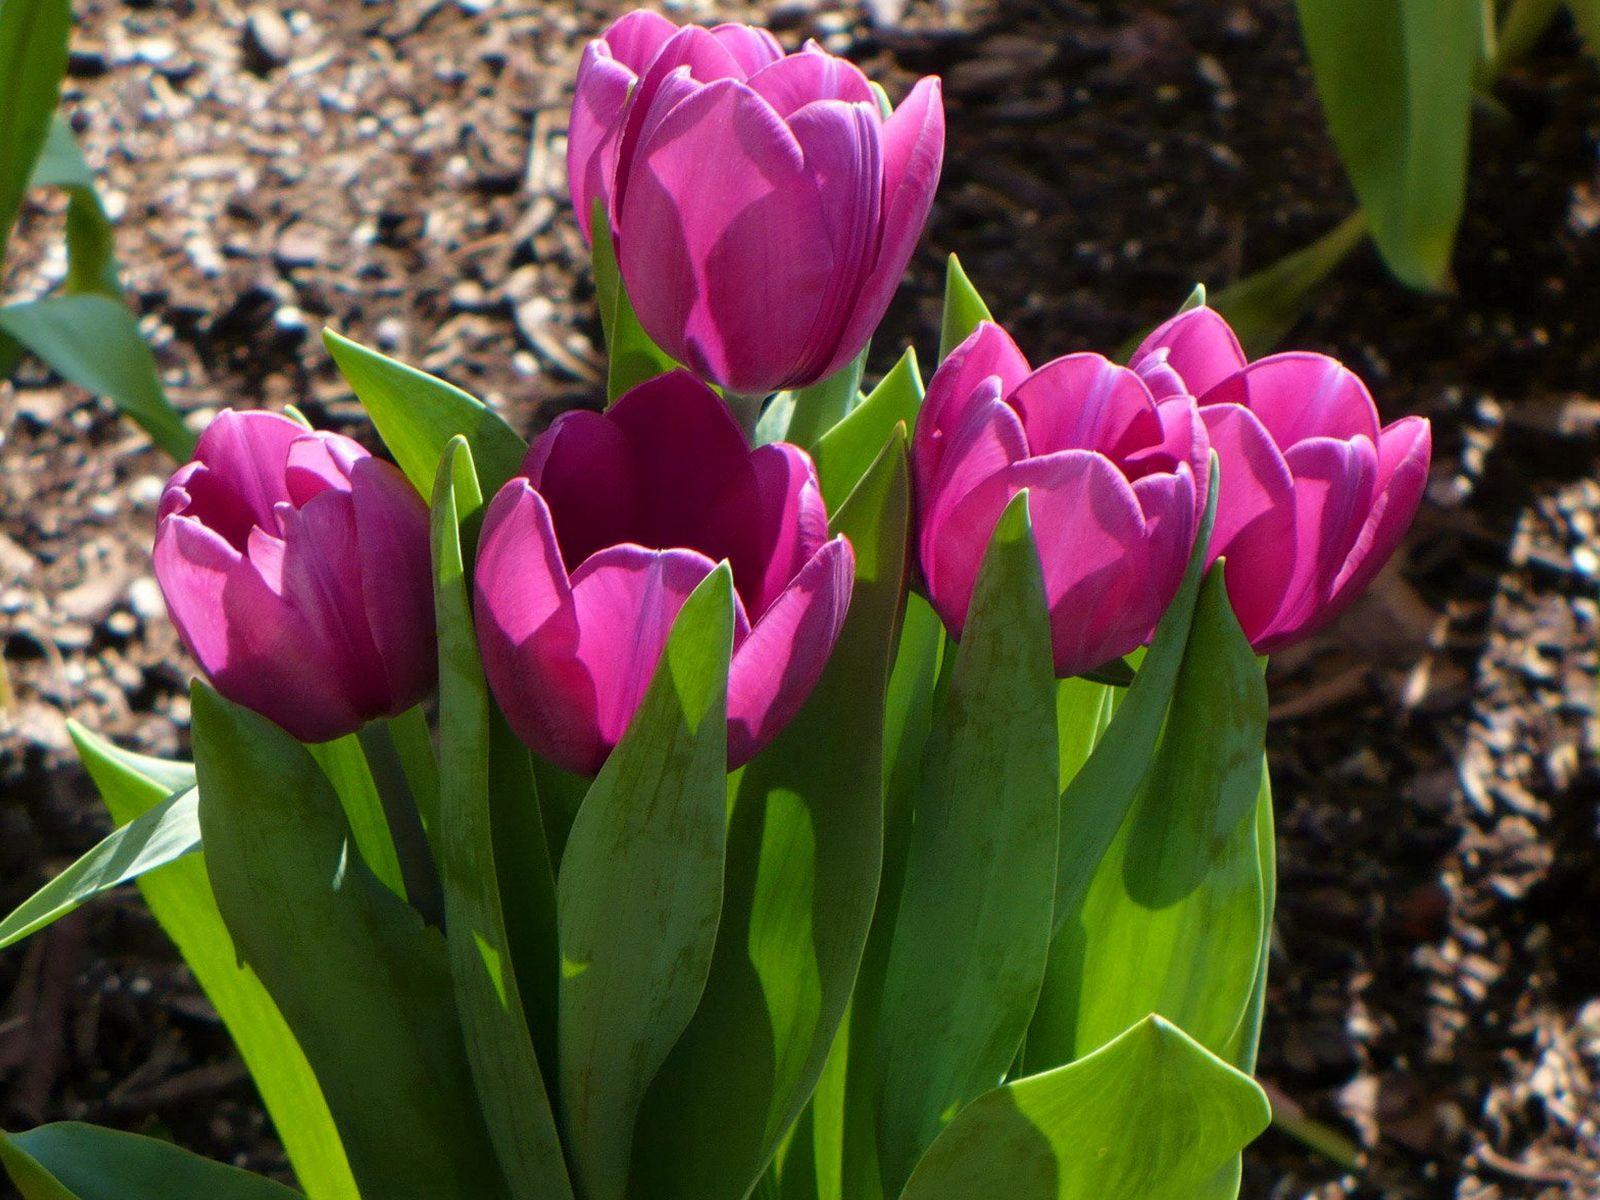 100267 скачать обои Тюльпаны, Цветы, Распущенные, Весна, Солнечно - заставки и картинки бесплатно